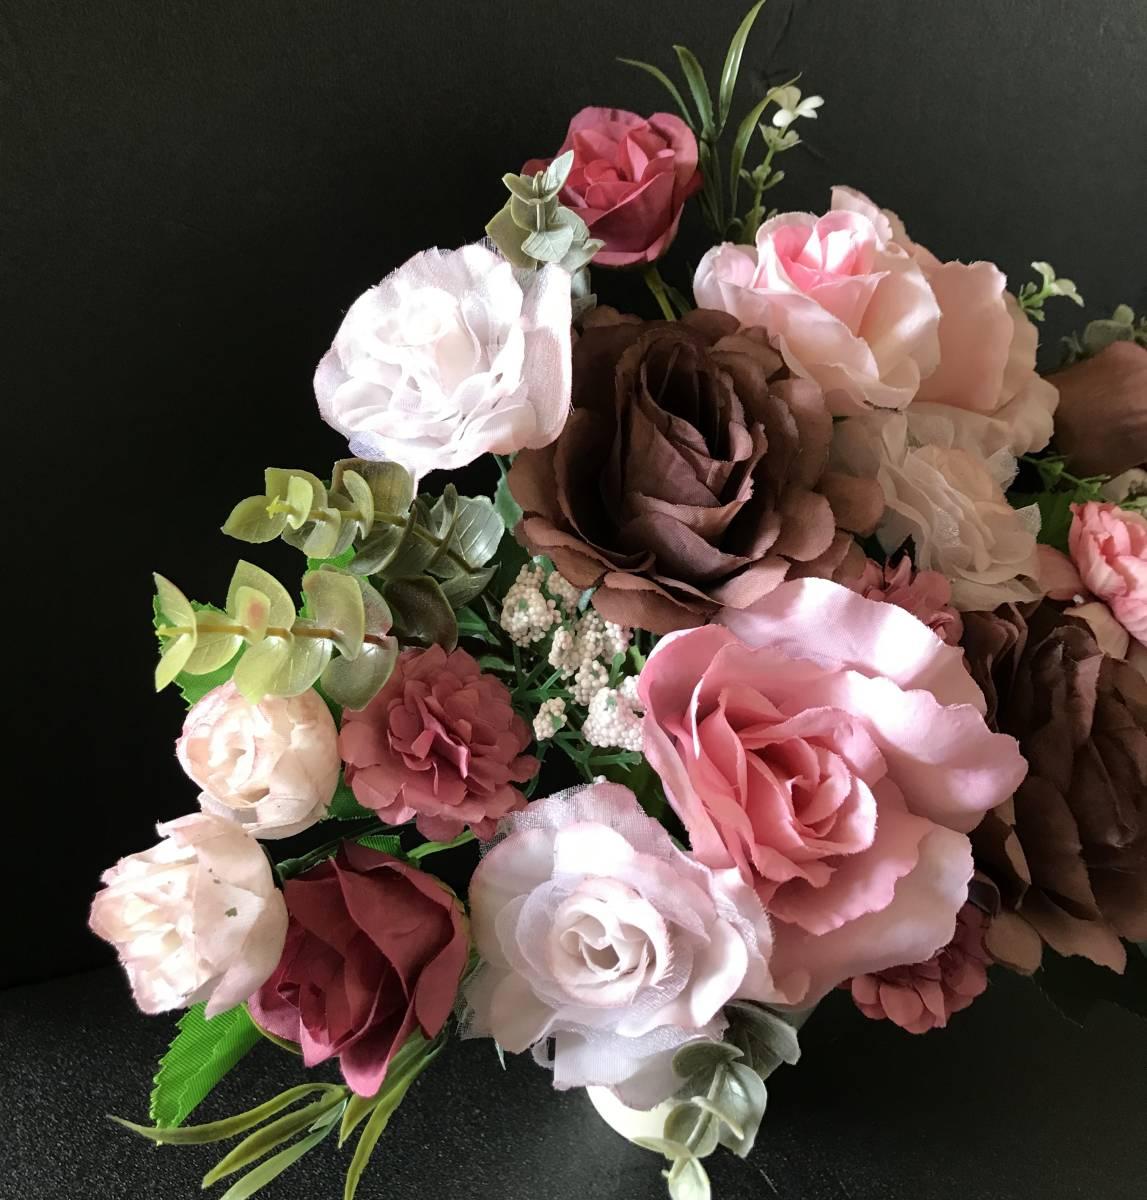 pretty flower�x�[�W���Ԋ�`���R���[�g�u���E���ƃ~���N�e�B�[�s���N���K�N�t�F�~�j���A�����W Image2